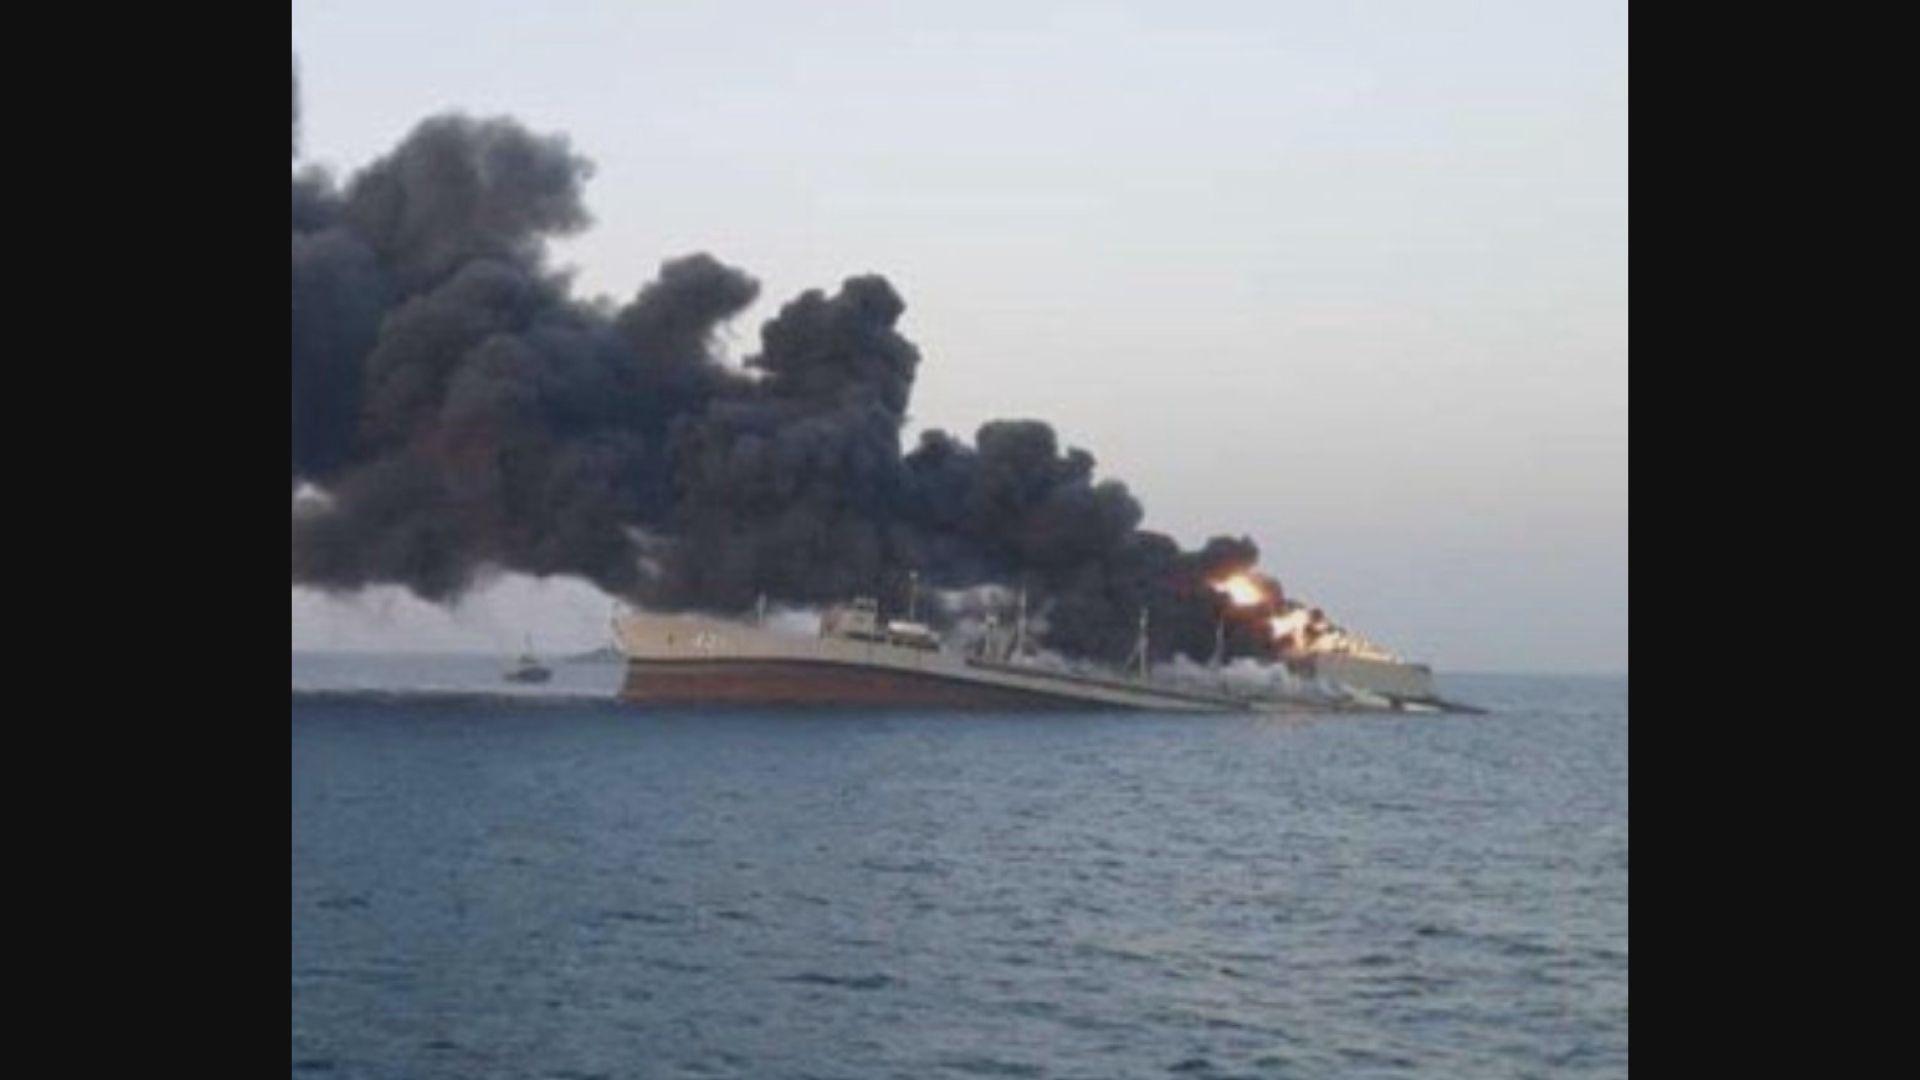 伊朗軍艦阿曼灣發生火警後沉沒